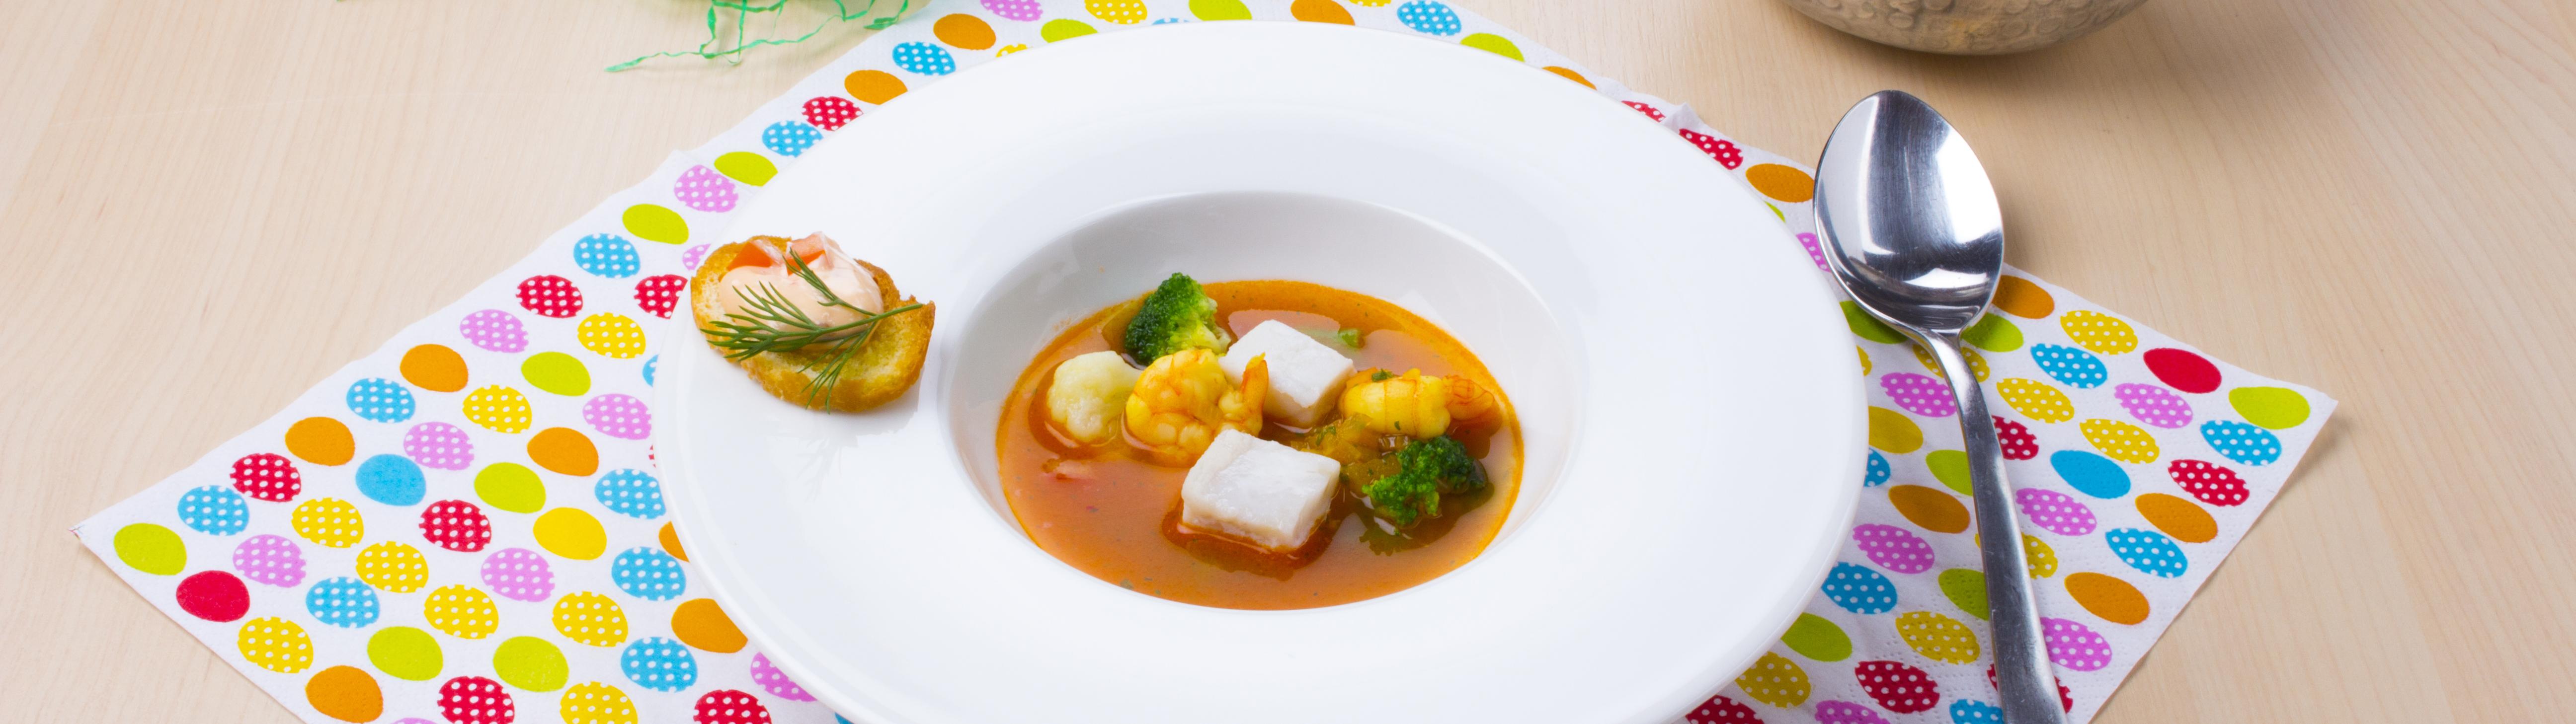 Rezept für Fischsuppe